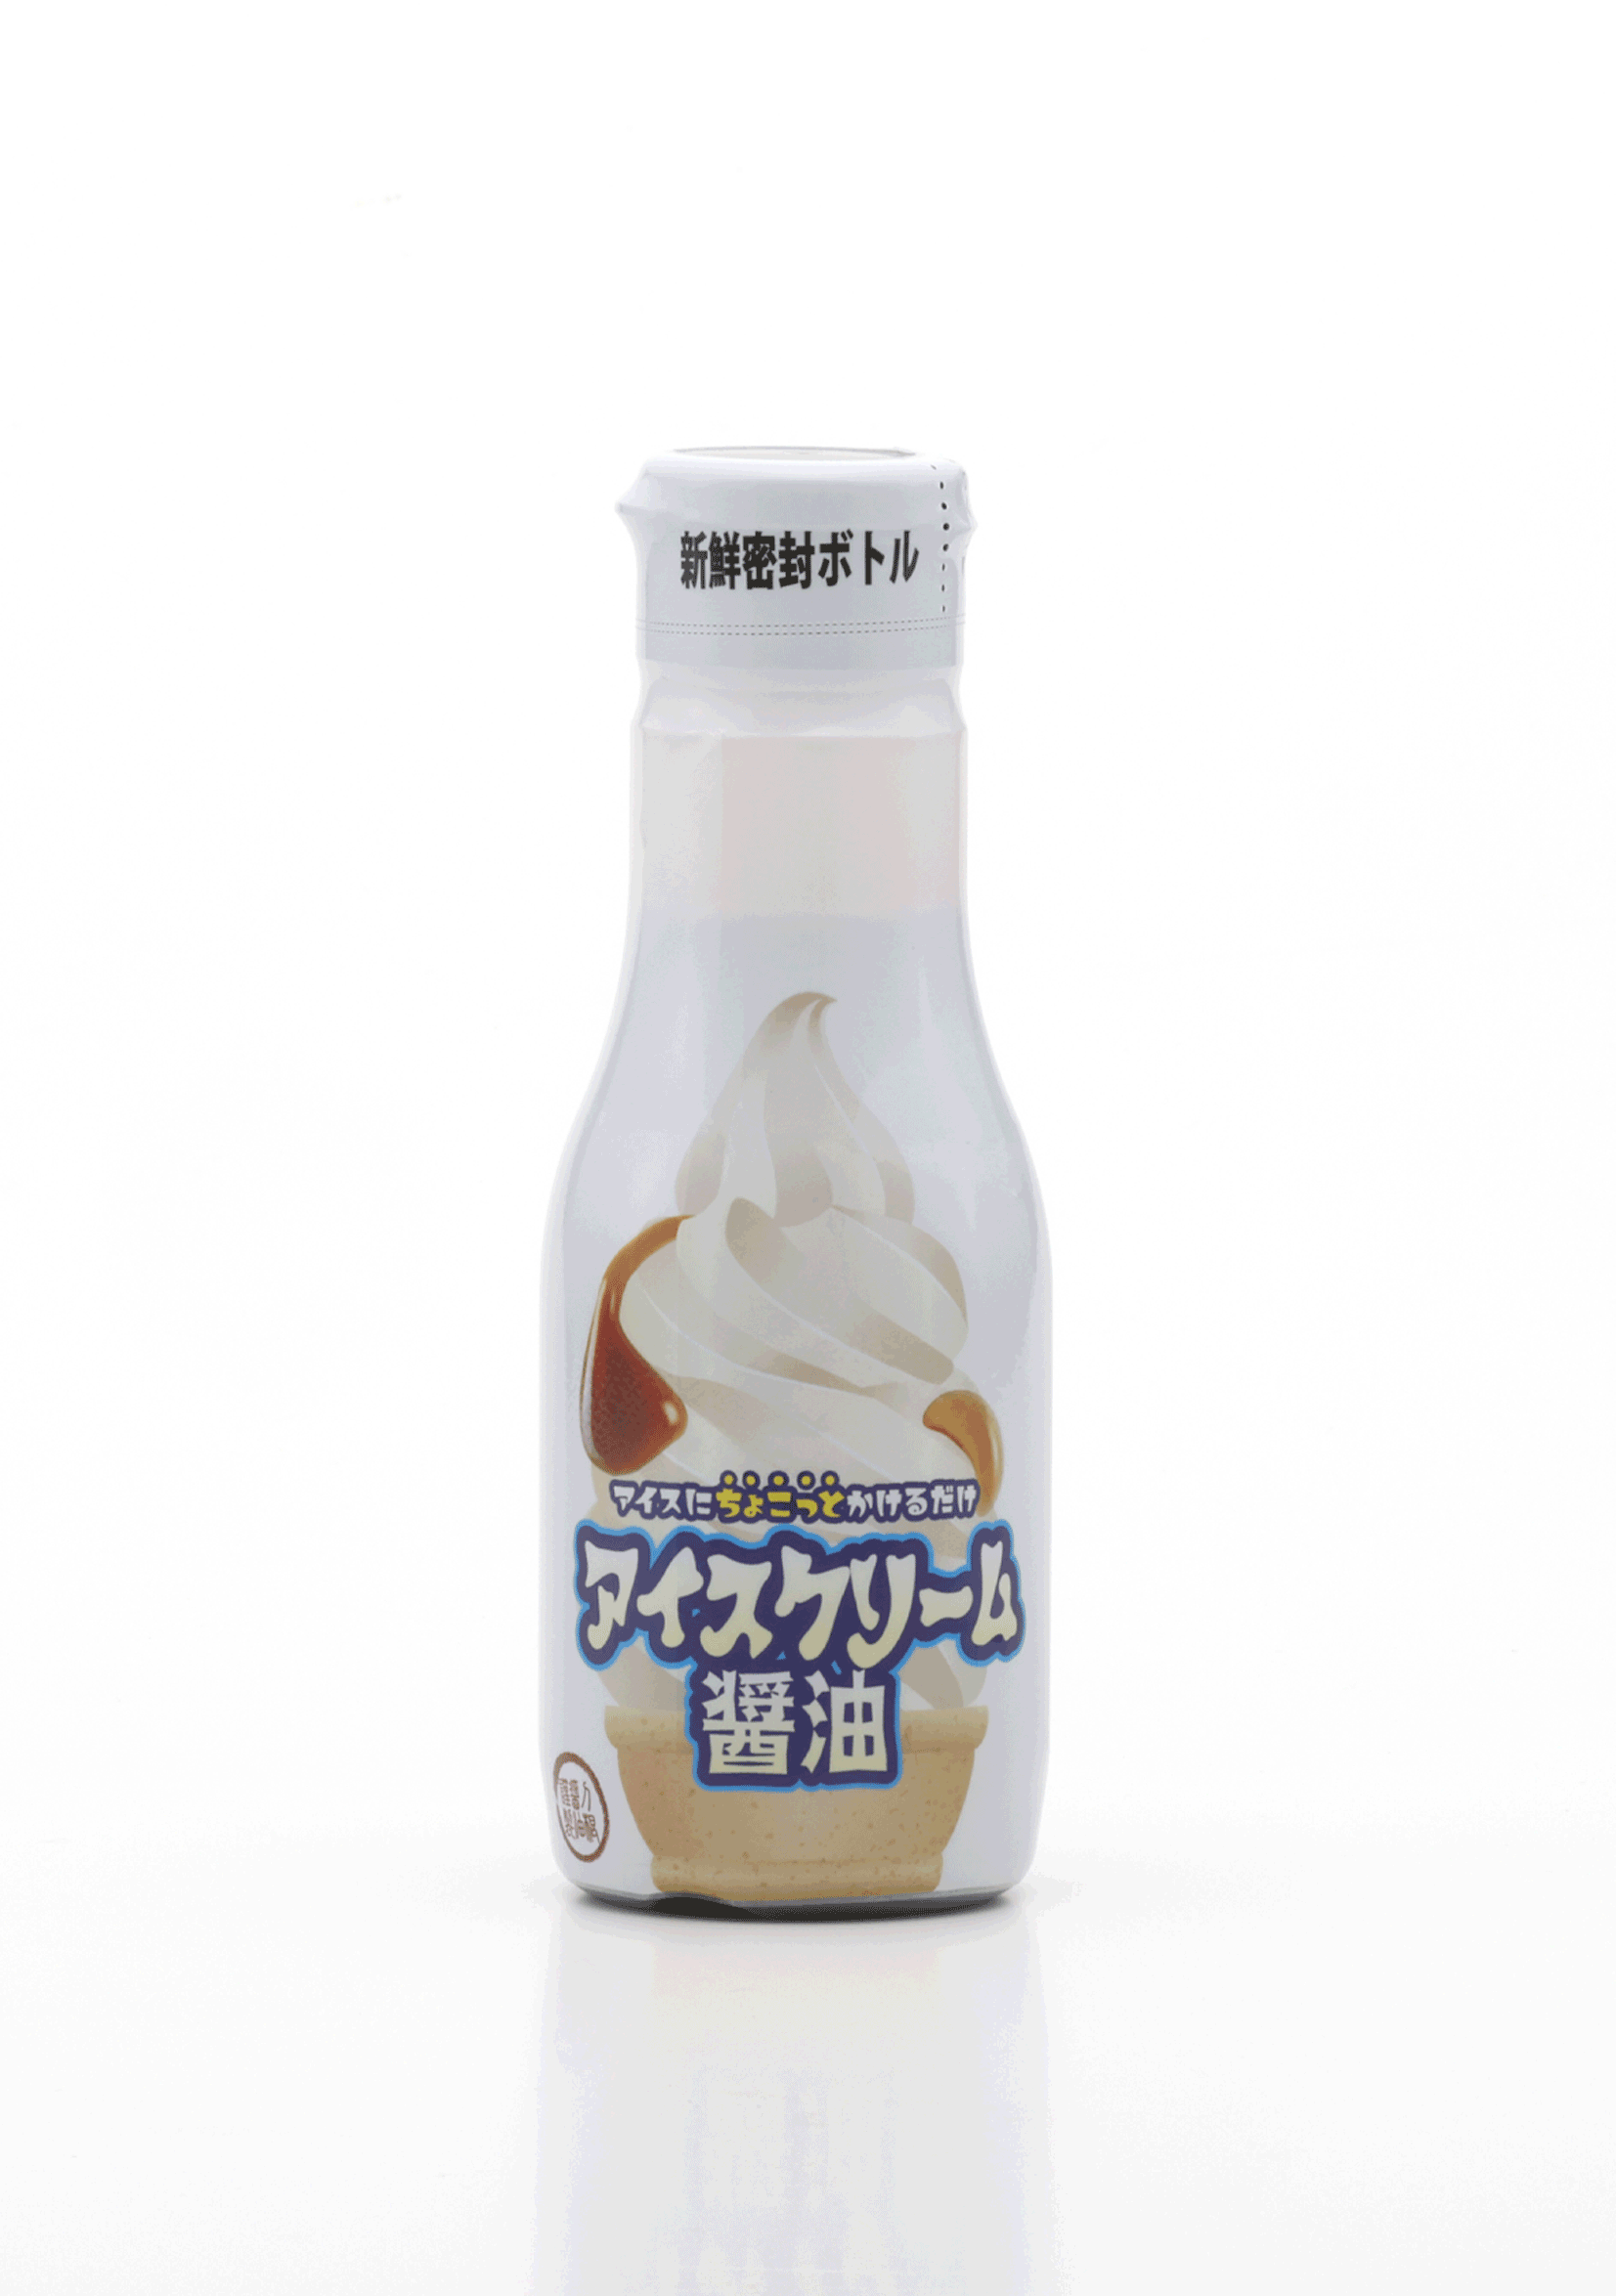 アイスクリーム醤油